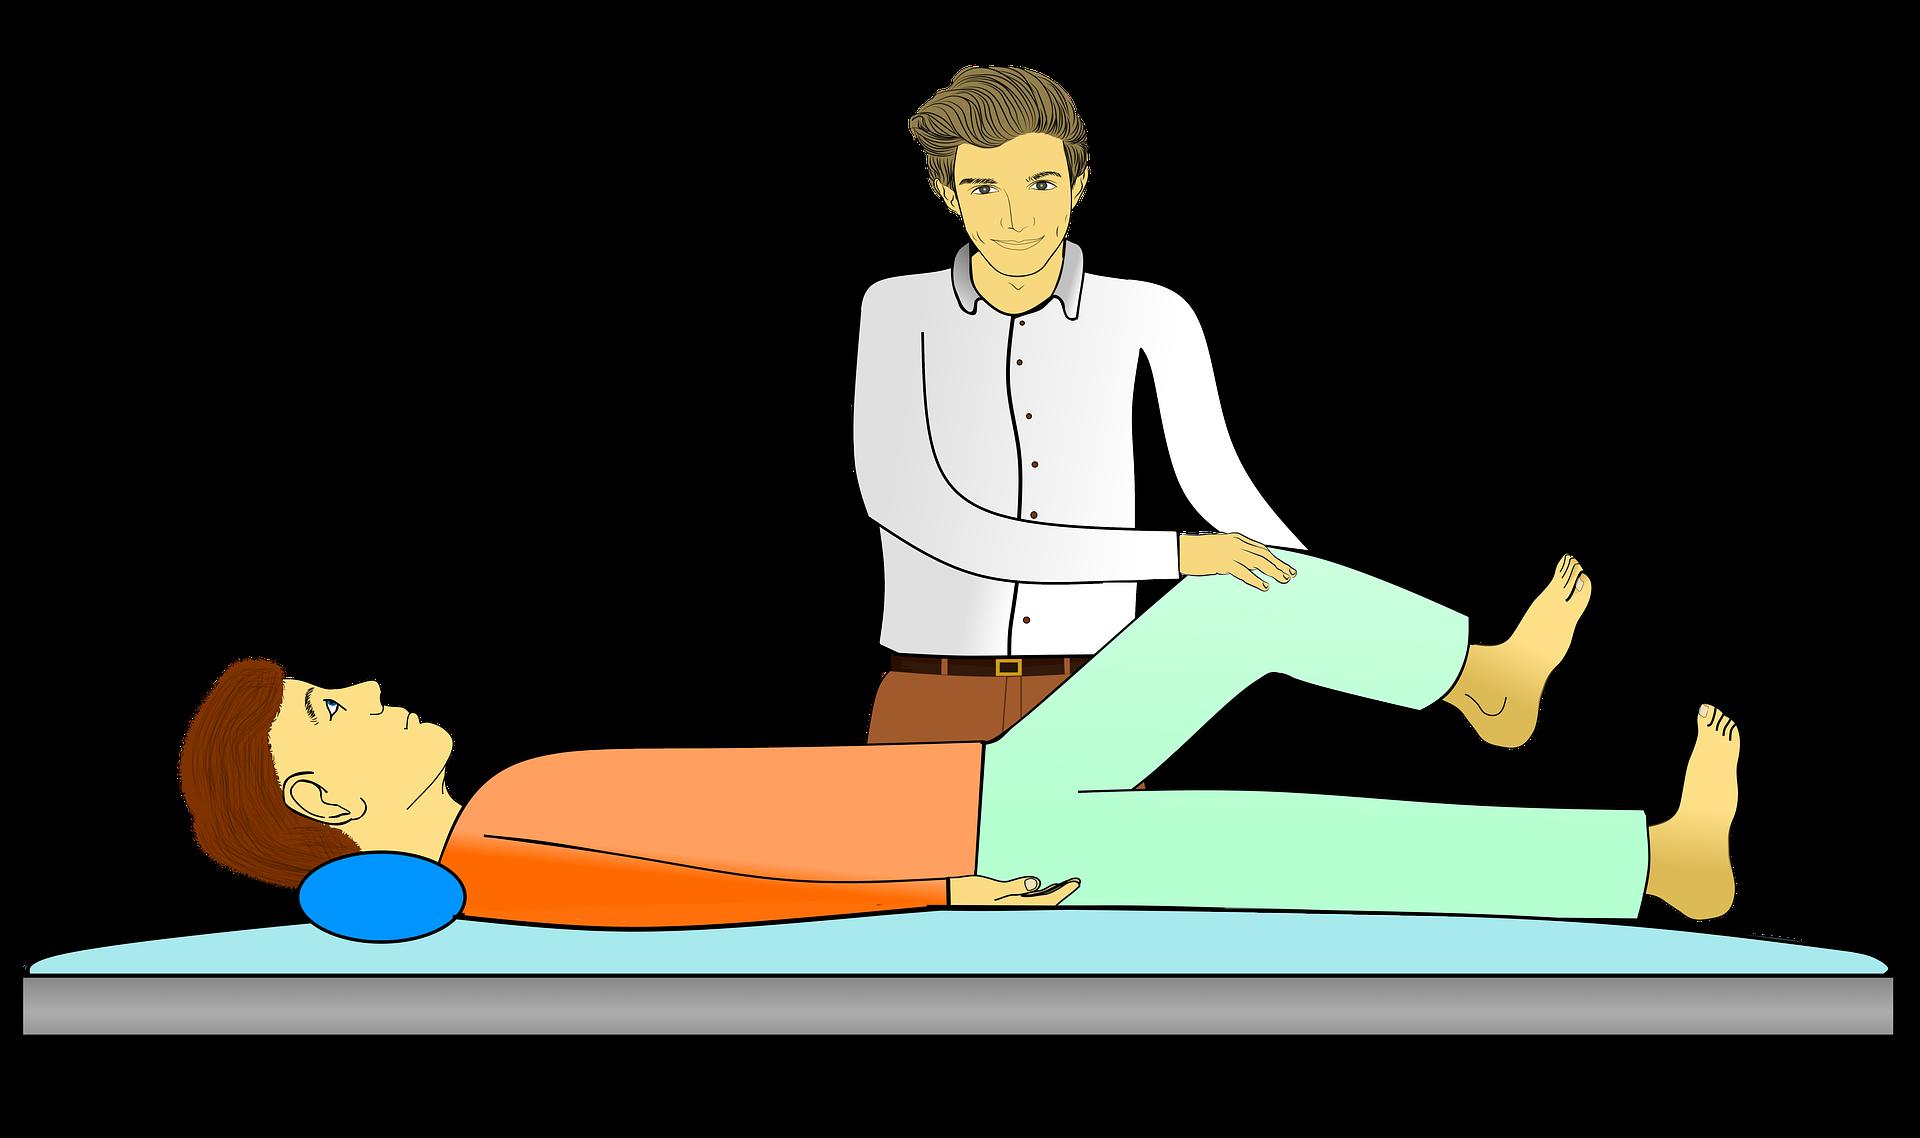 rehabilitación de extremidades inferiores